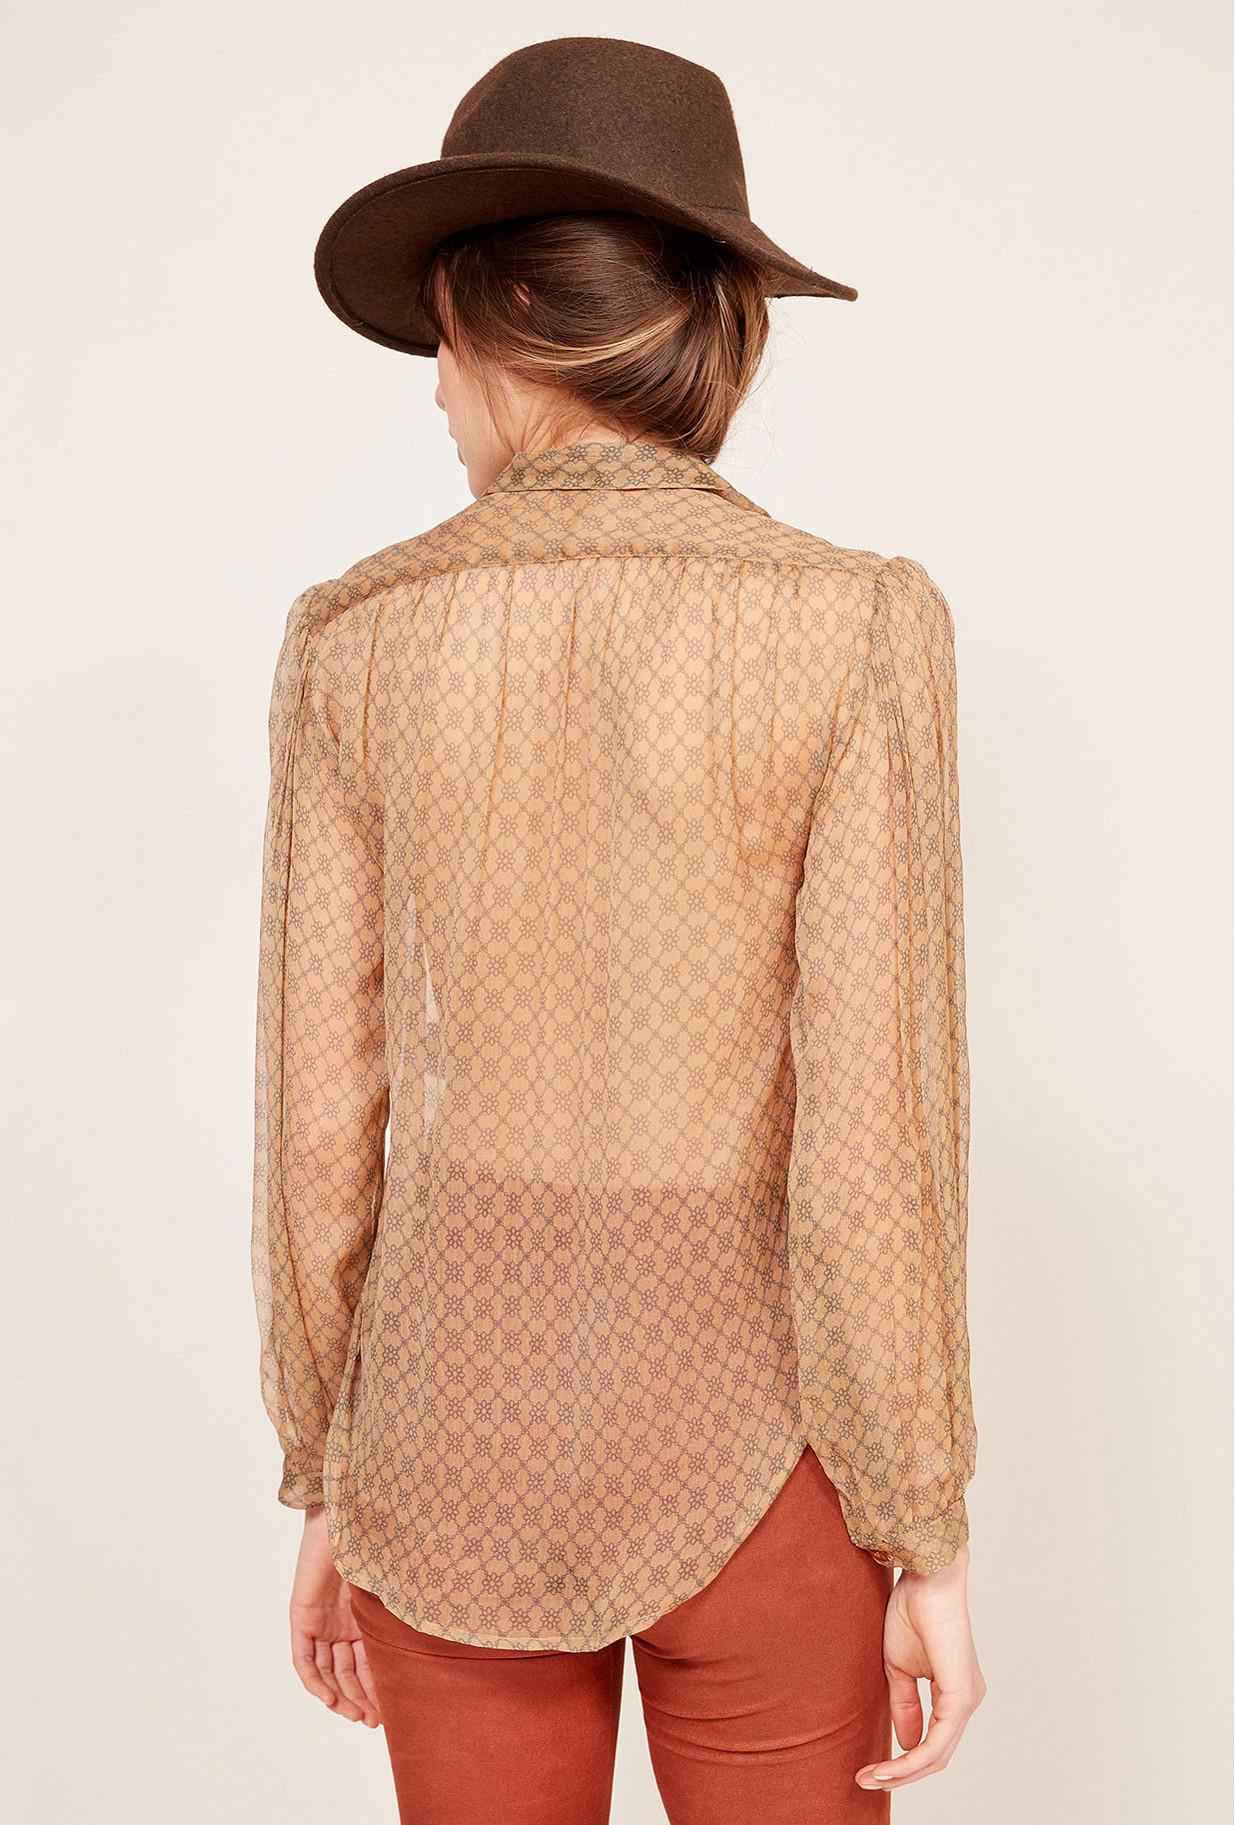 Nude  Shirt  Truman Mes demoiselles fashion clothes designer Paris